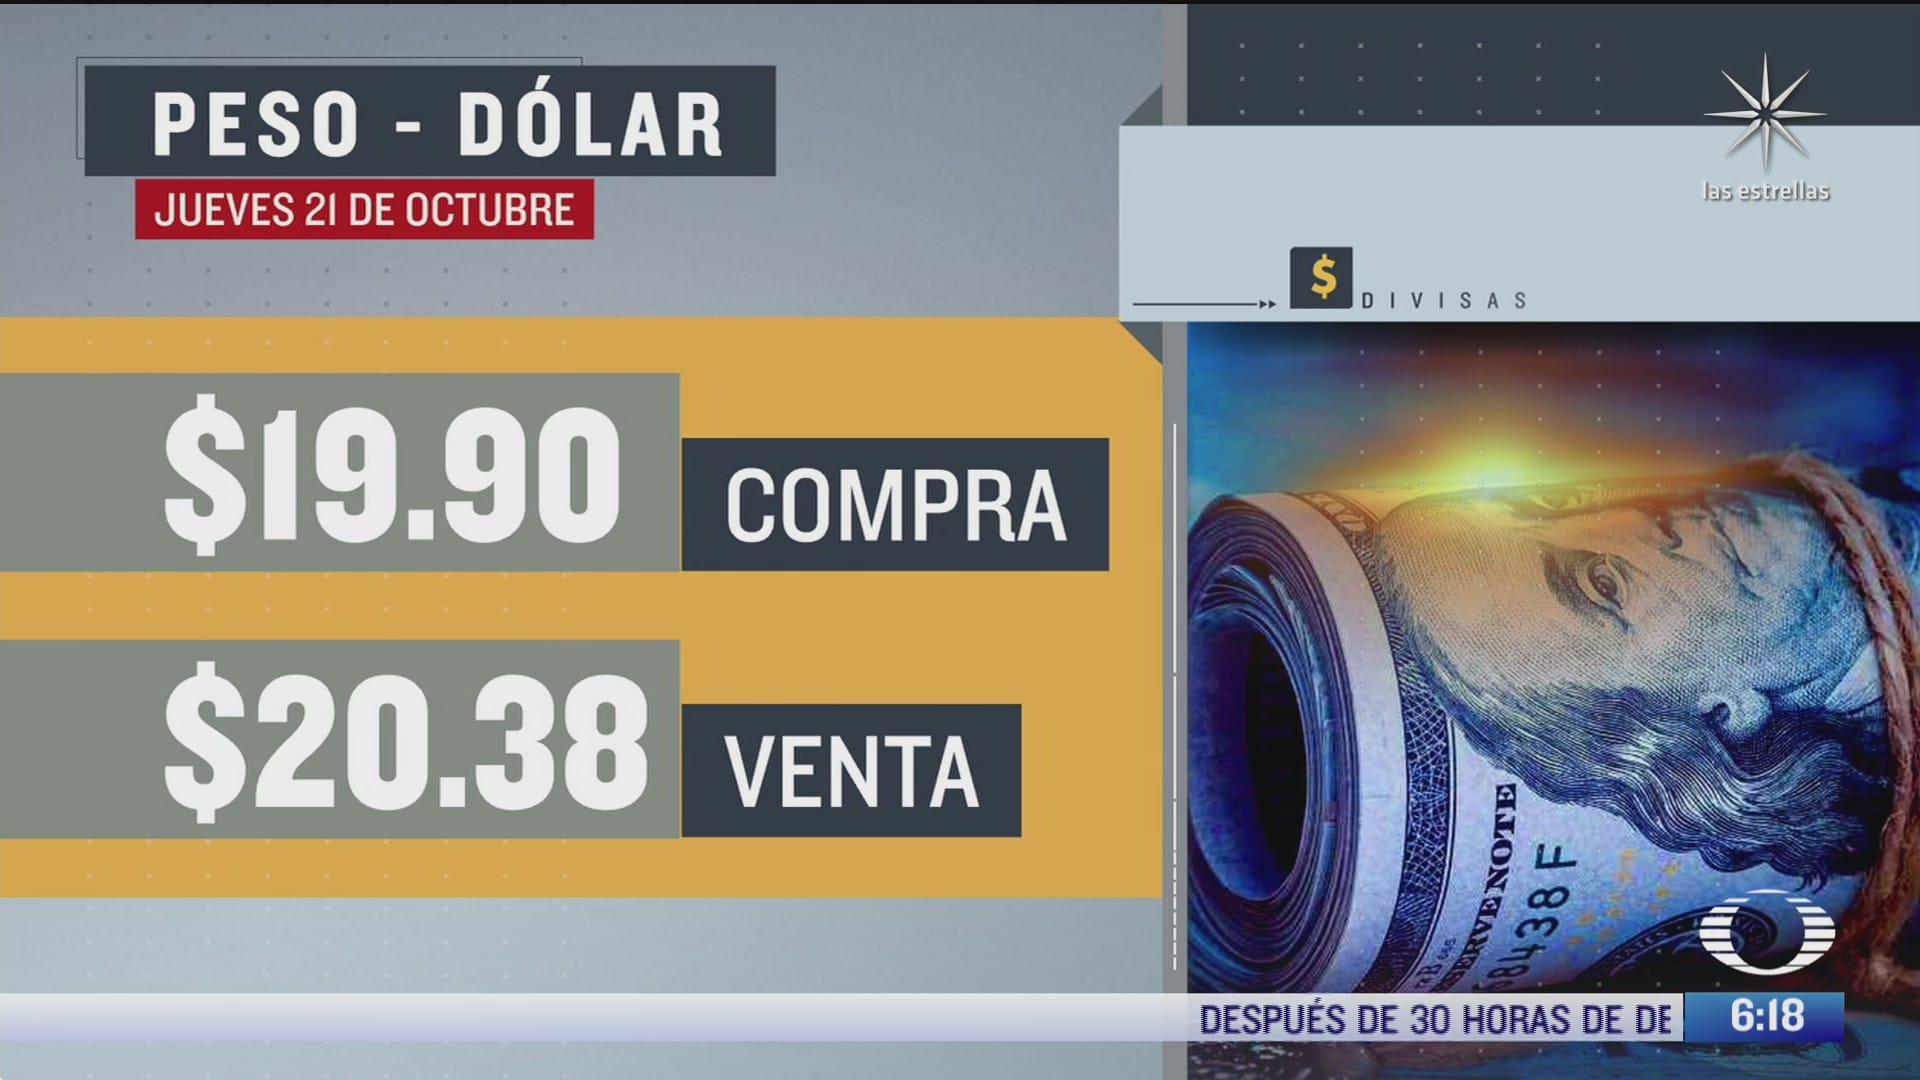 el dolar se vendio en 20 38 en la cdmx del 21 oct